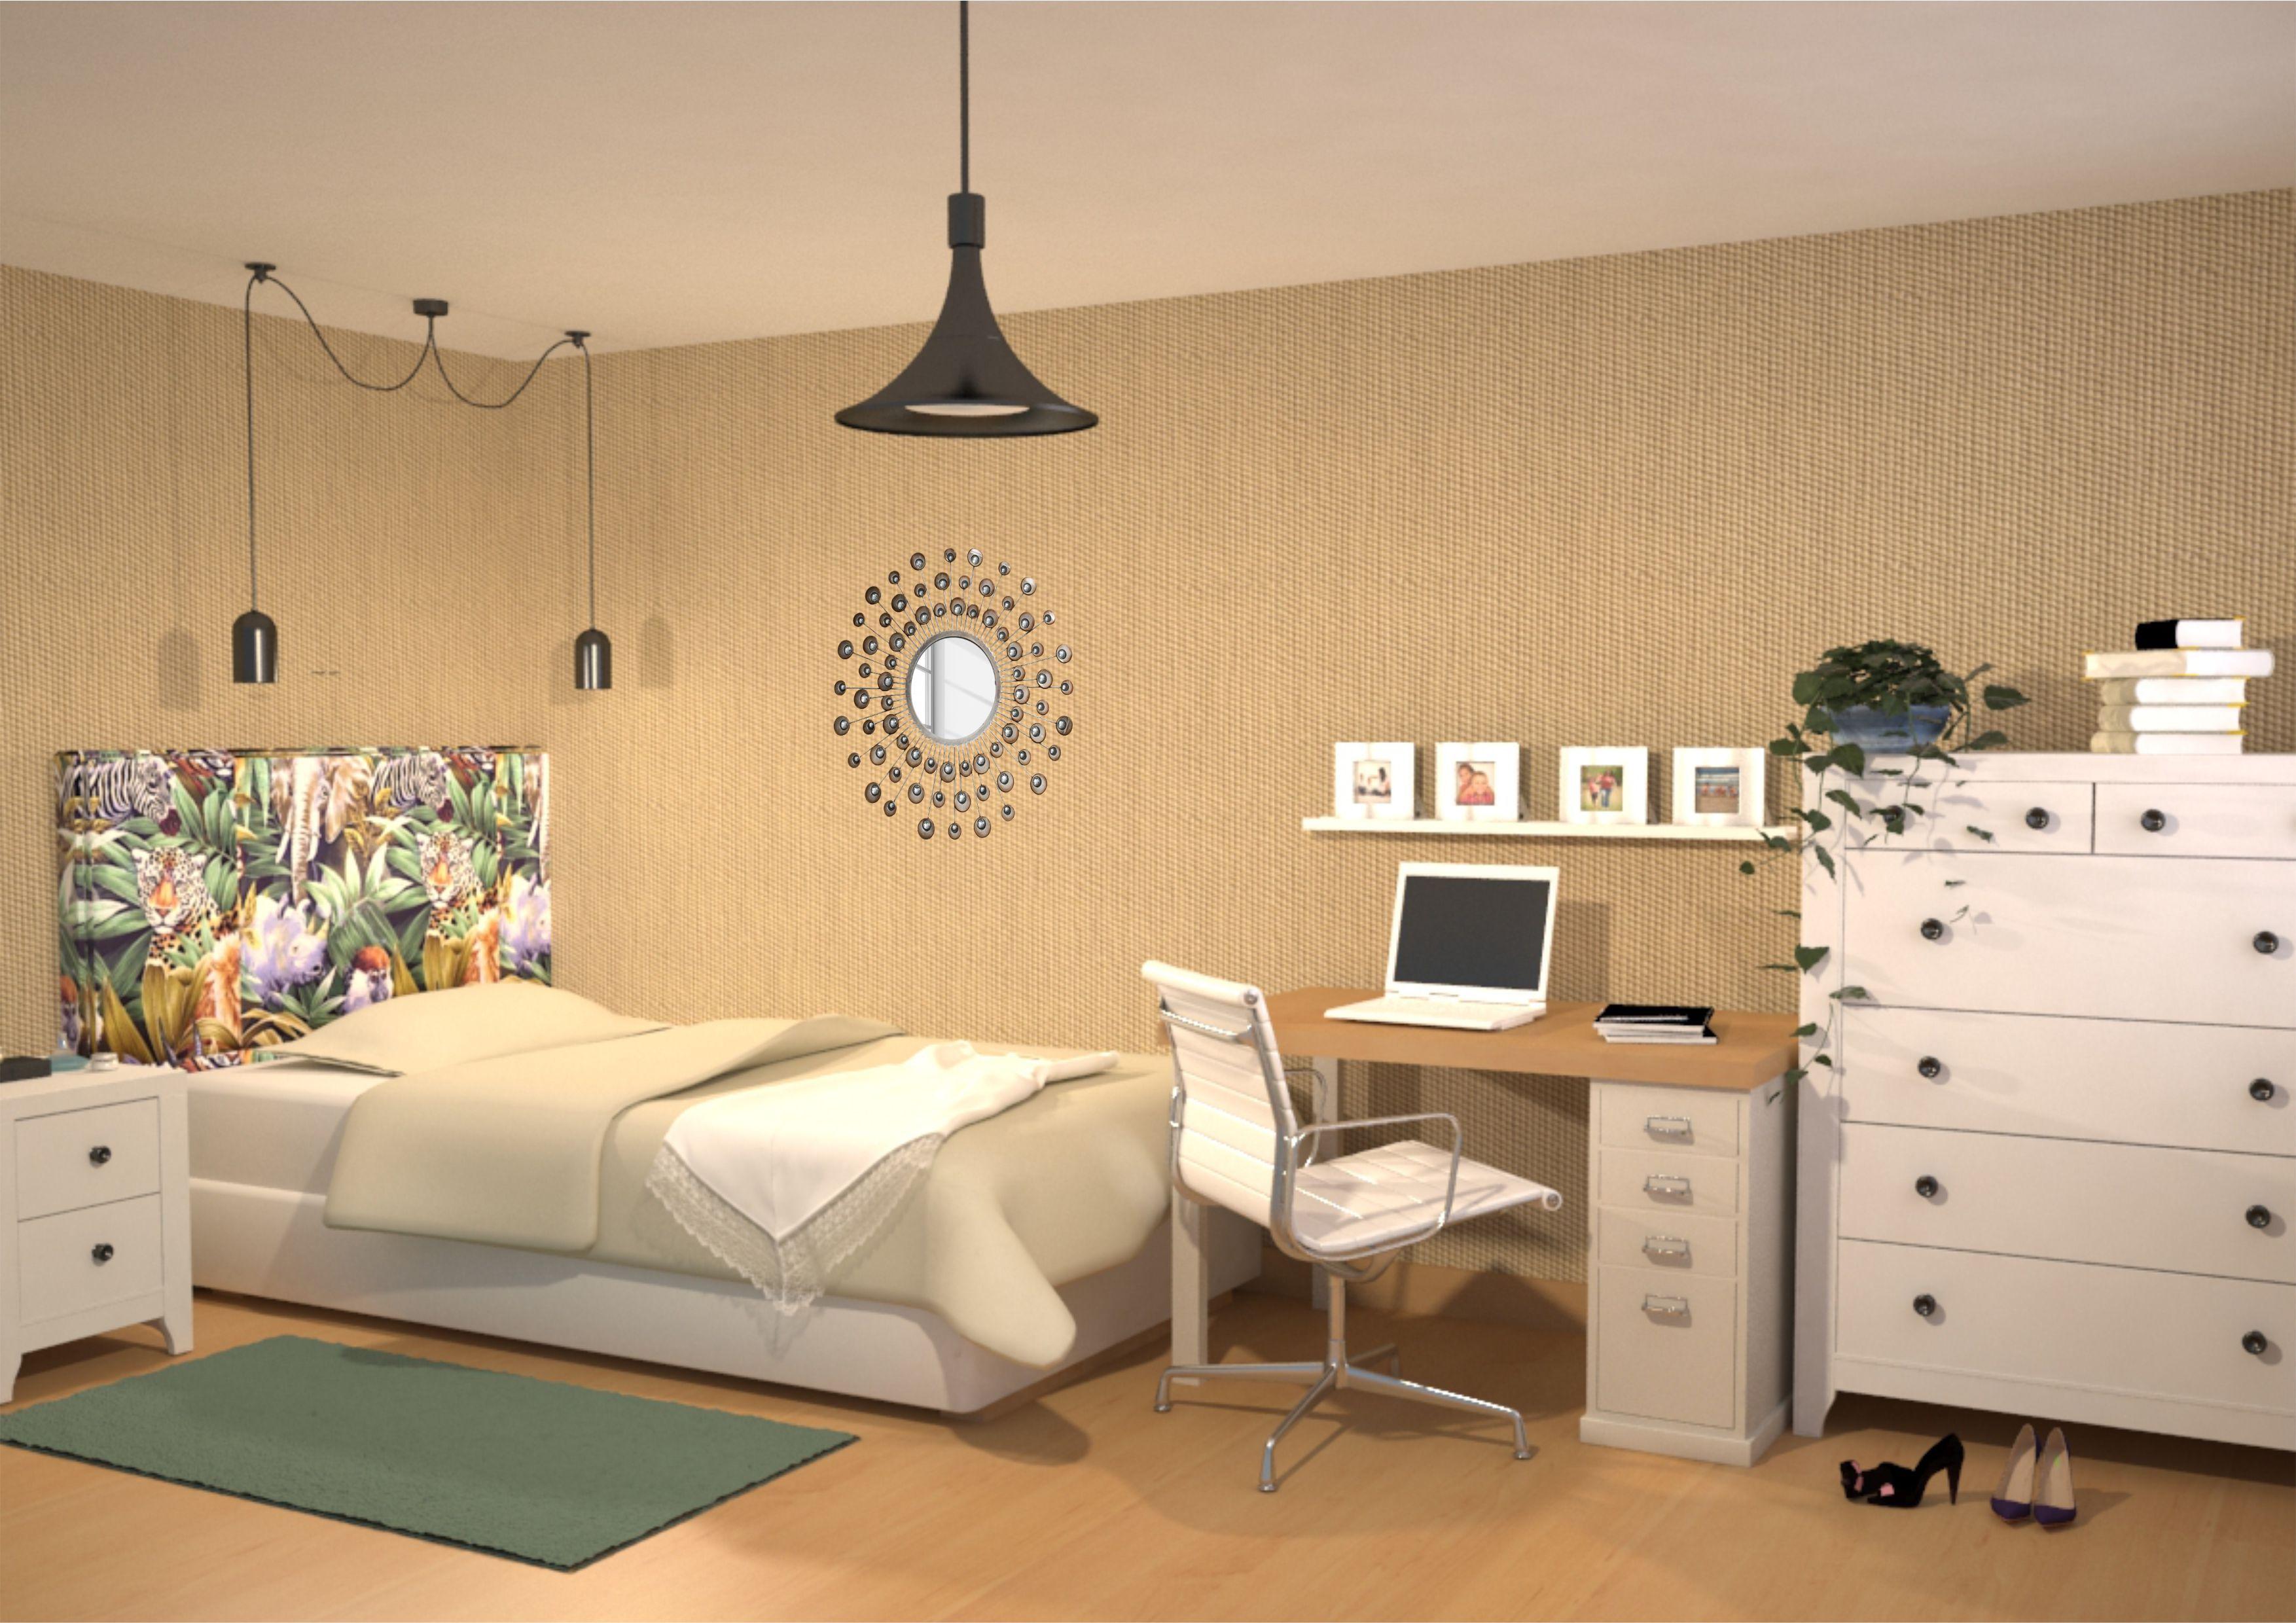 Pin van Hinteria op Laura's bedroom design (met afbeeldingen)